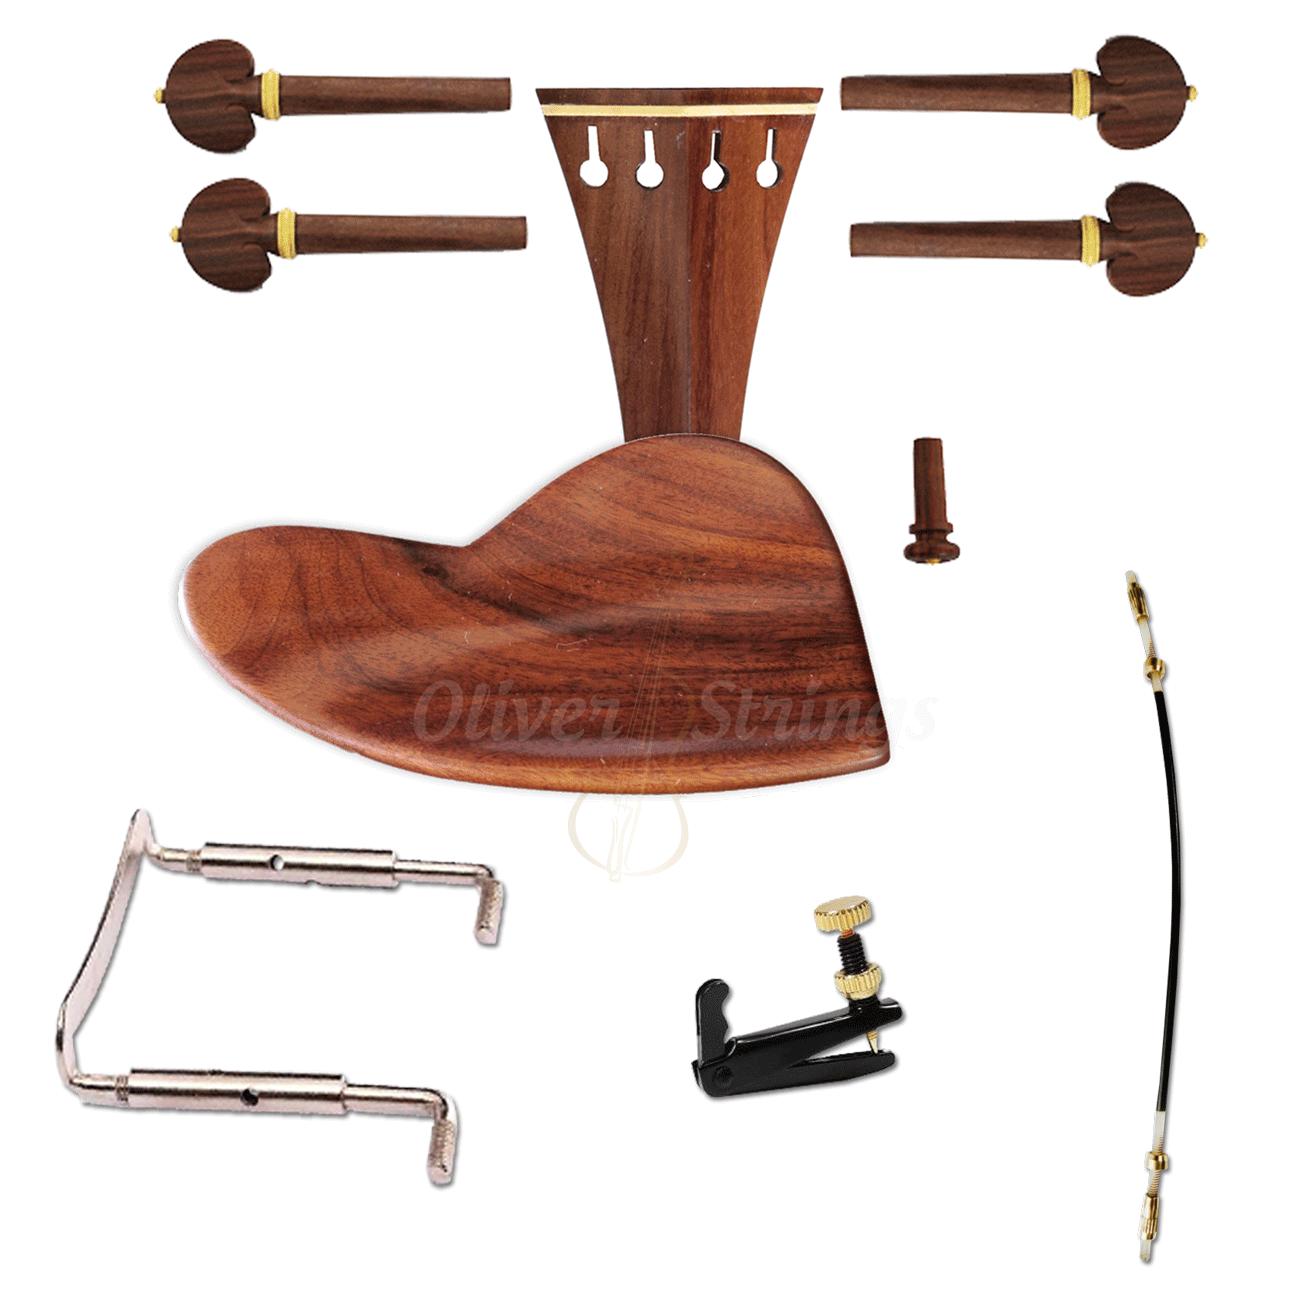 Kit de Montagem para Violino 4/4 com Queixeira modelo Berber Completo